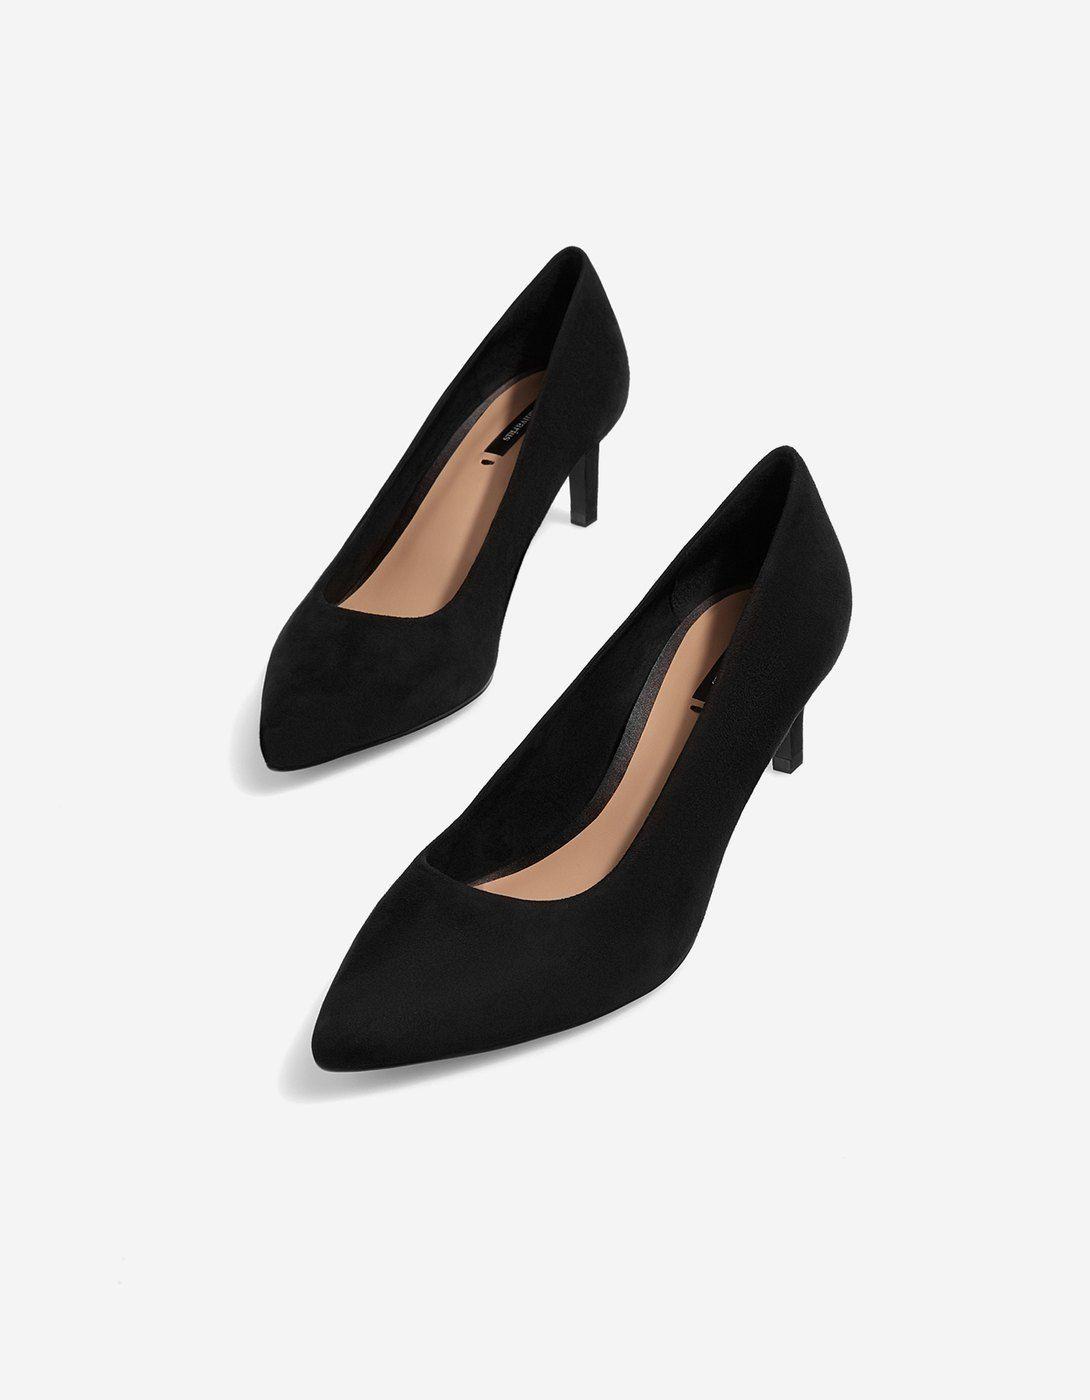 Negro Zapatos Salón De Tacón España Stradivarius Medio qzwwRxfEP